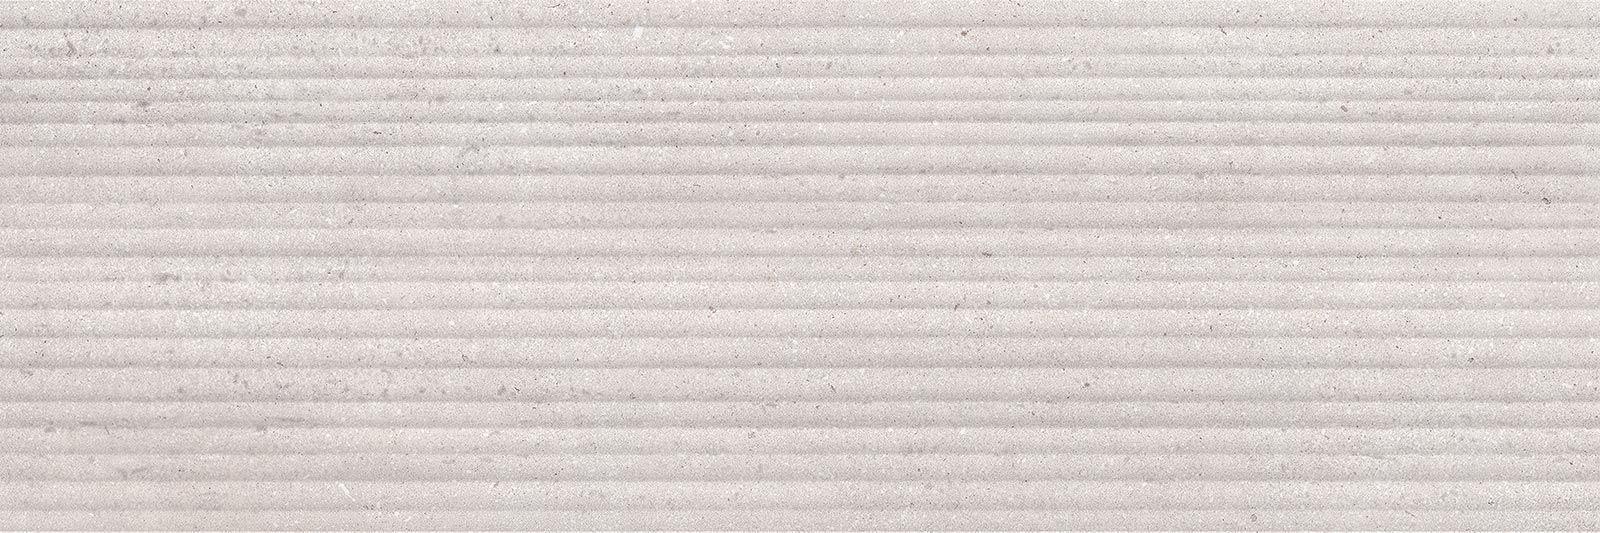 RLV BIEL TOSCANA WHITE 25X75